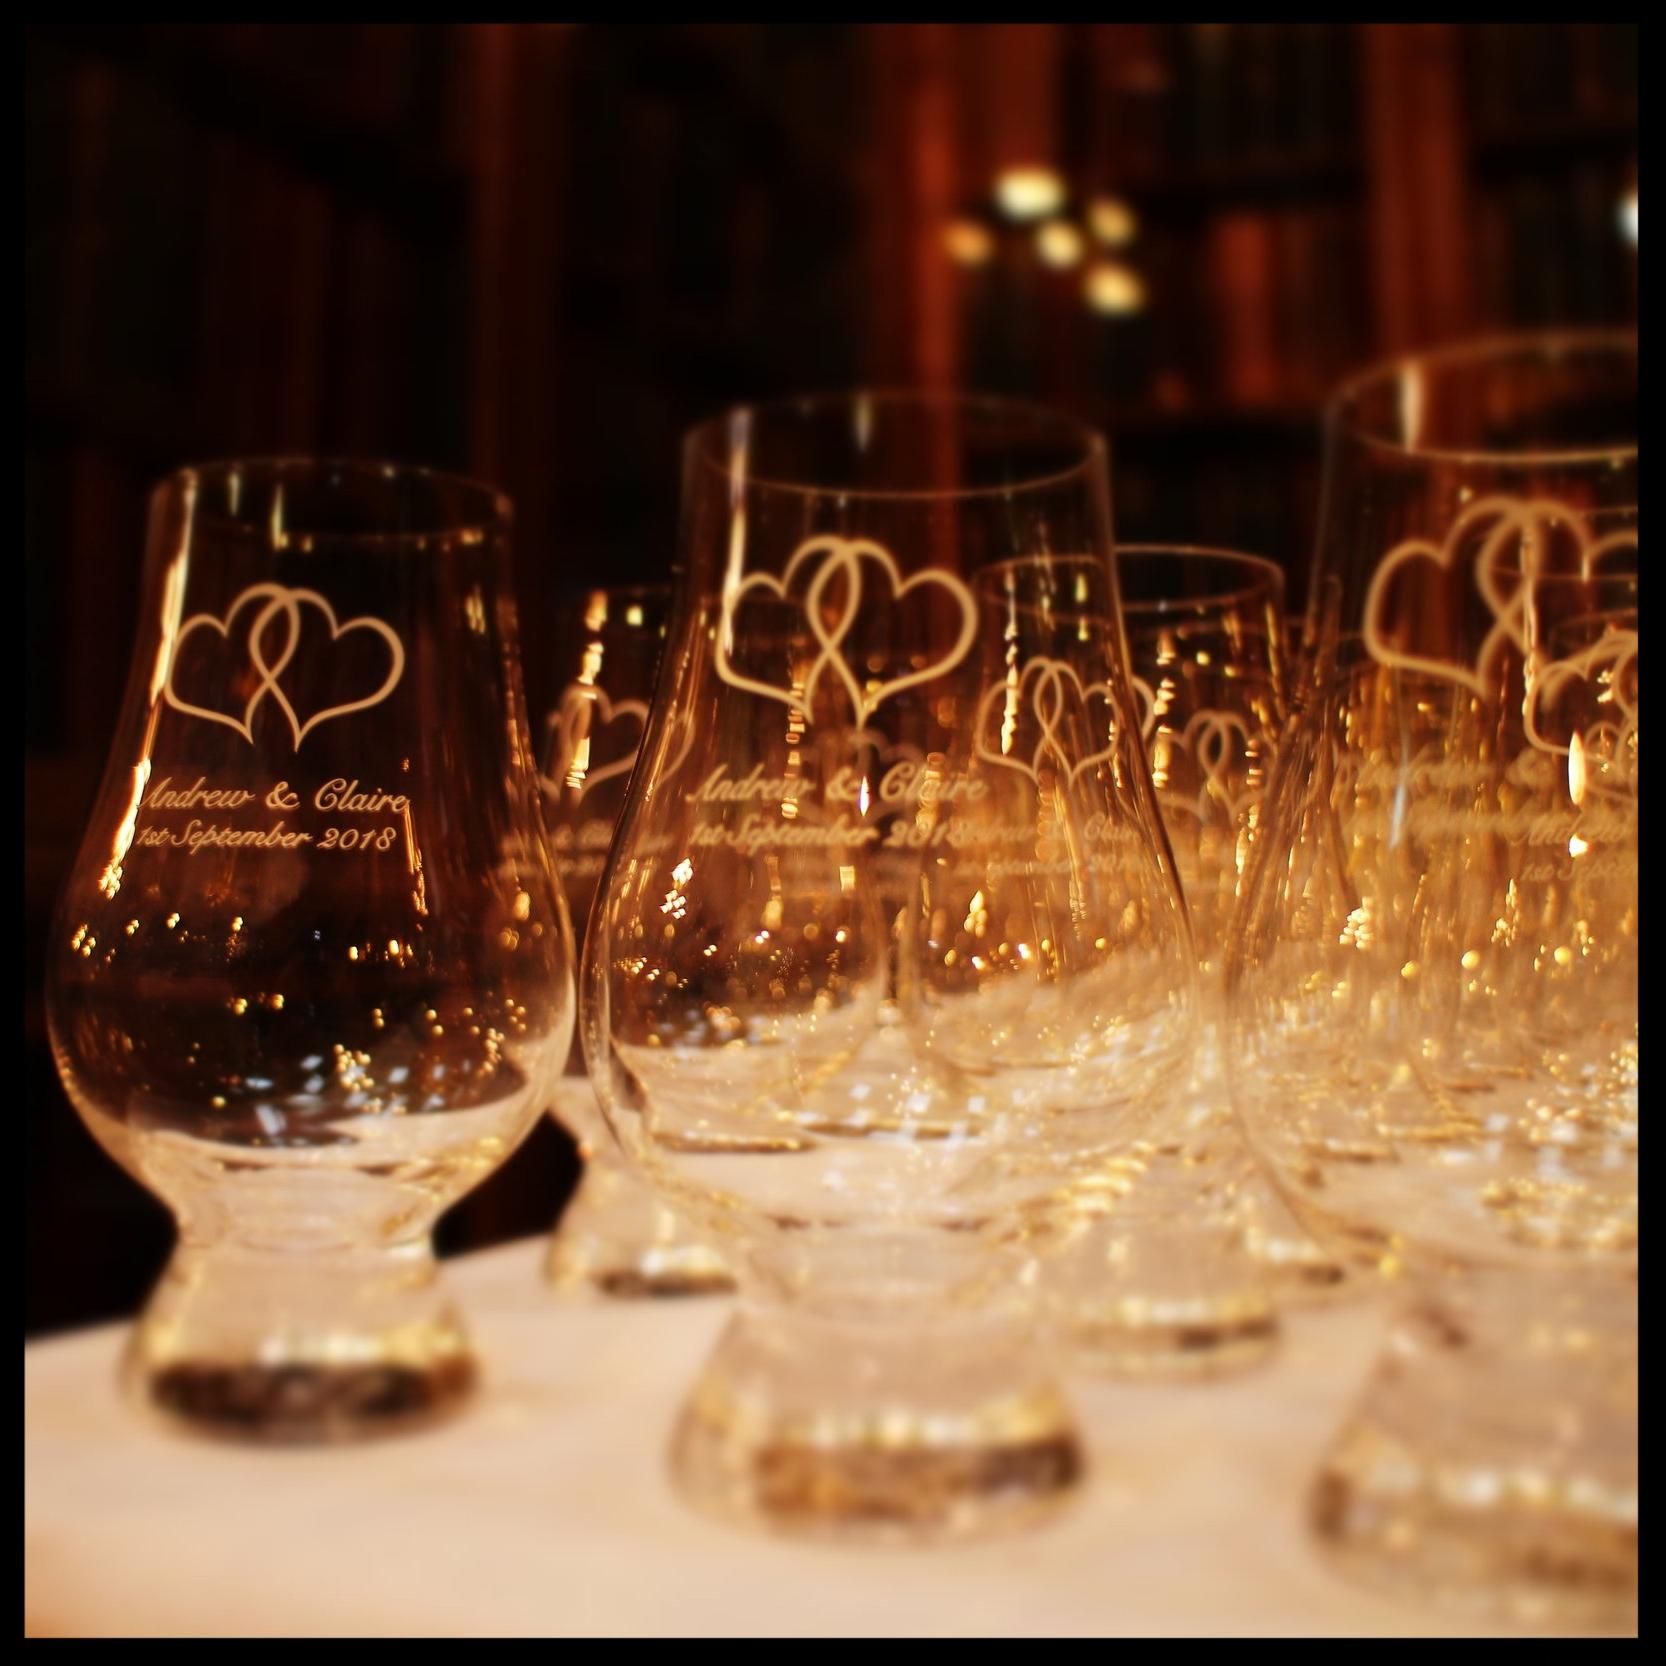 Wedding_Whisky_Glasses.JPG